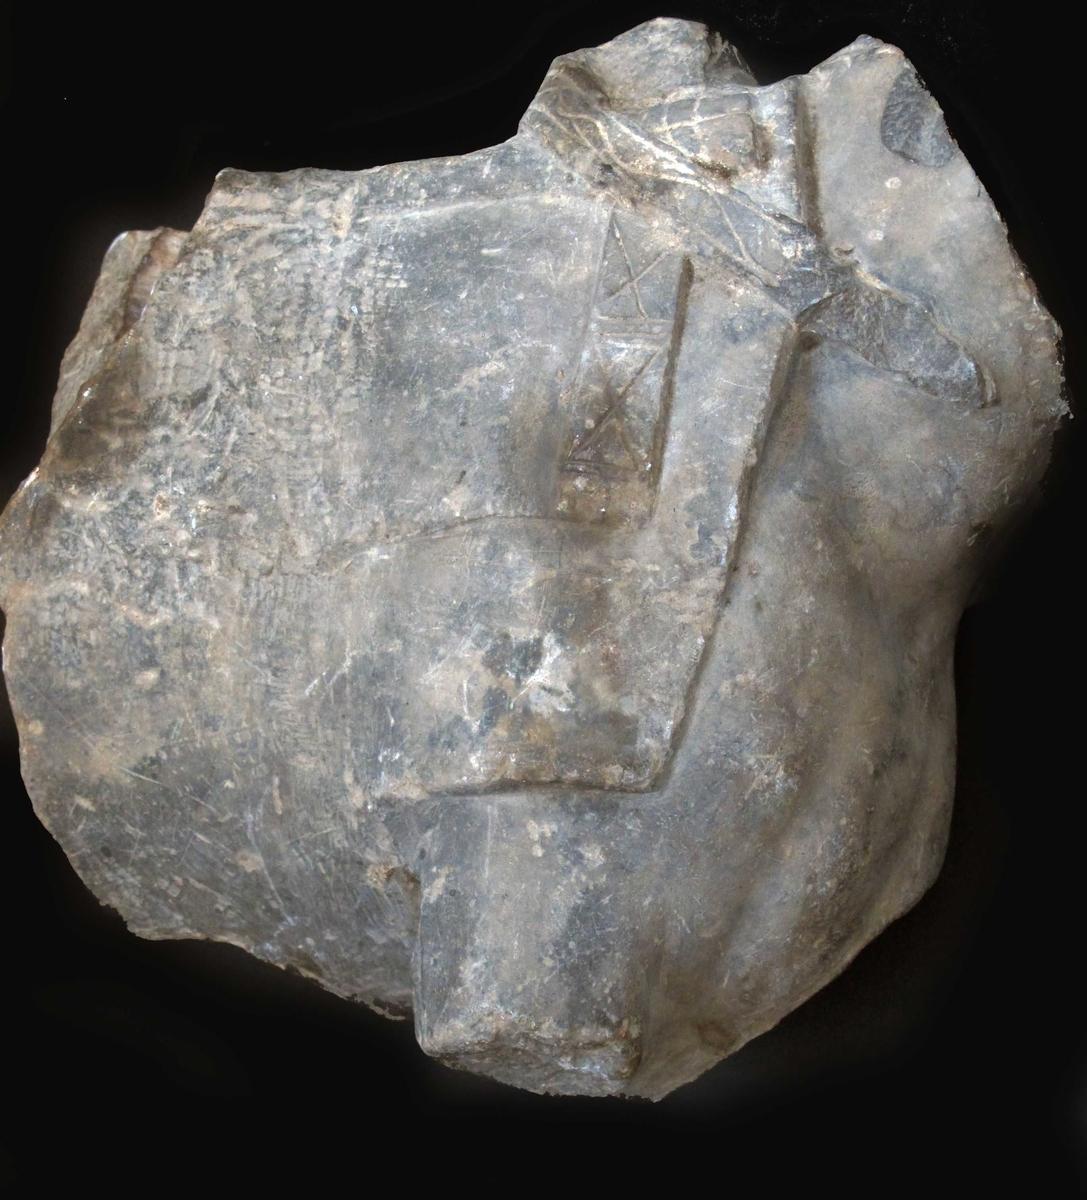 Fragmentet er av hestens fordel, avkuttet midt mellom forbena og bakbena. Hodet og bena mangler. Sal og bissel i relieff, med ornamenter. Skulpturen er kun beregnet å sees en face,  baksiden er ikke utarbeidet. Heller ikke utarbeidet der rytteren opprinnelig var tenkt å sitte. Antagelig  nisje eller relieff figur.